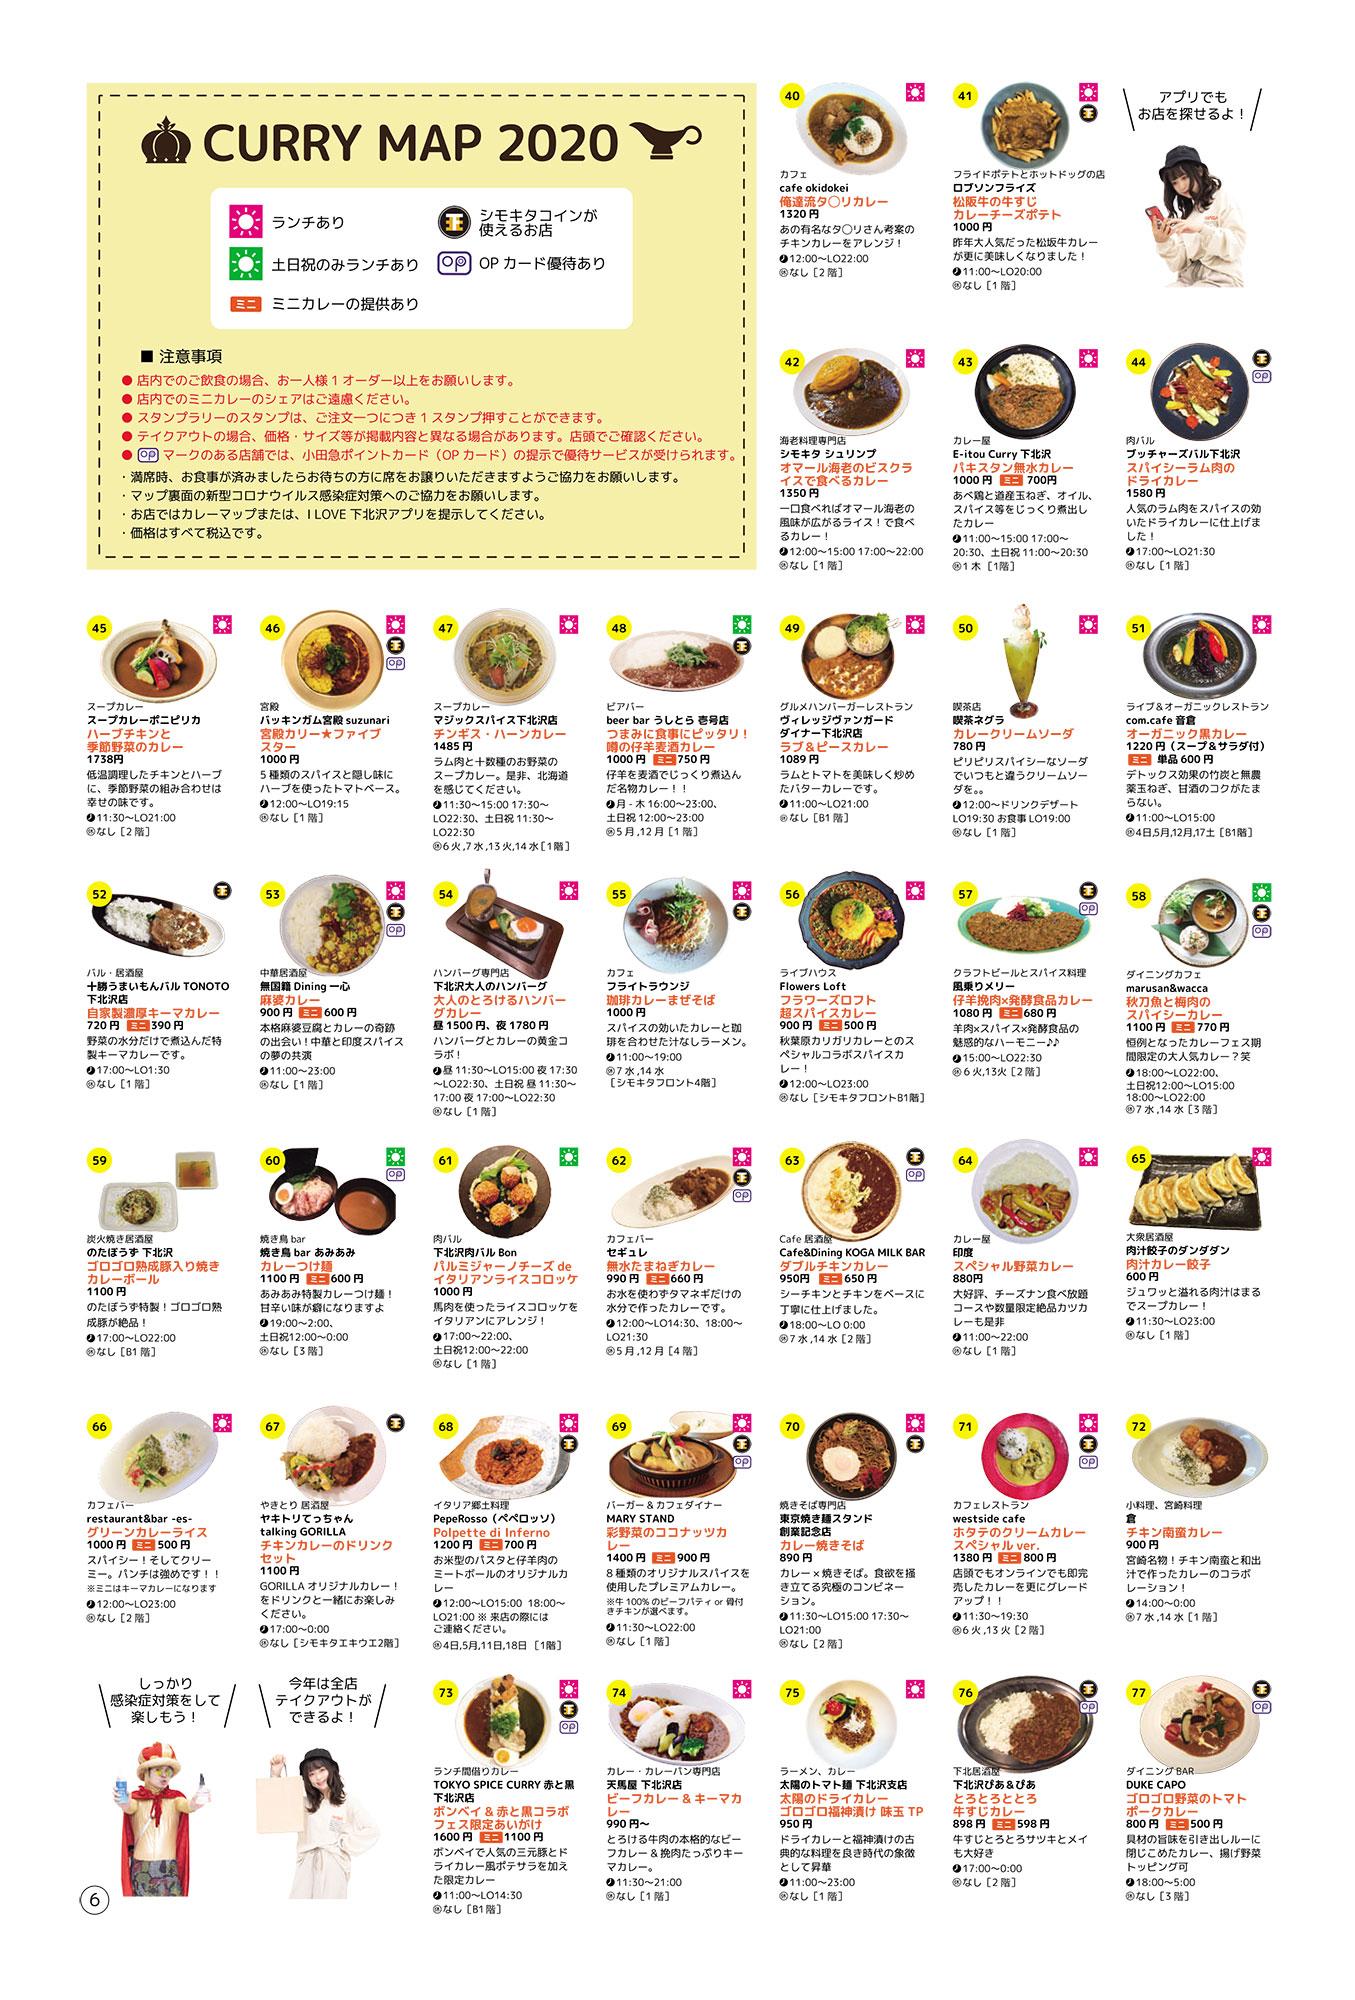 『下北沢カレーフェスティバル2020』参加店舗紹介【2】